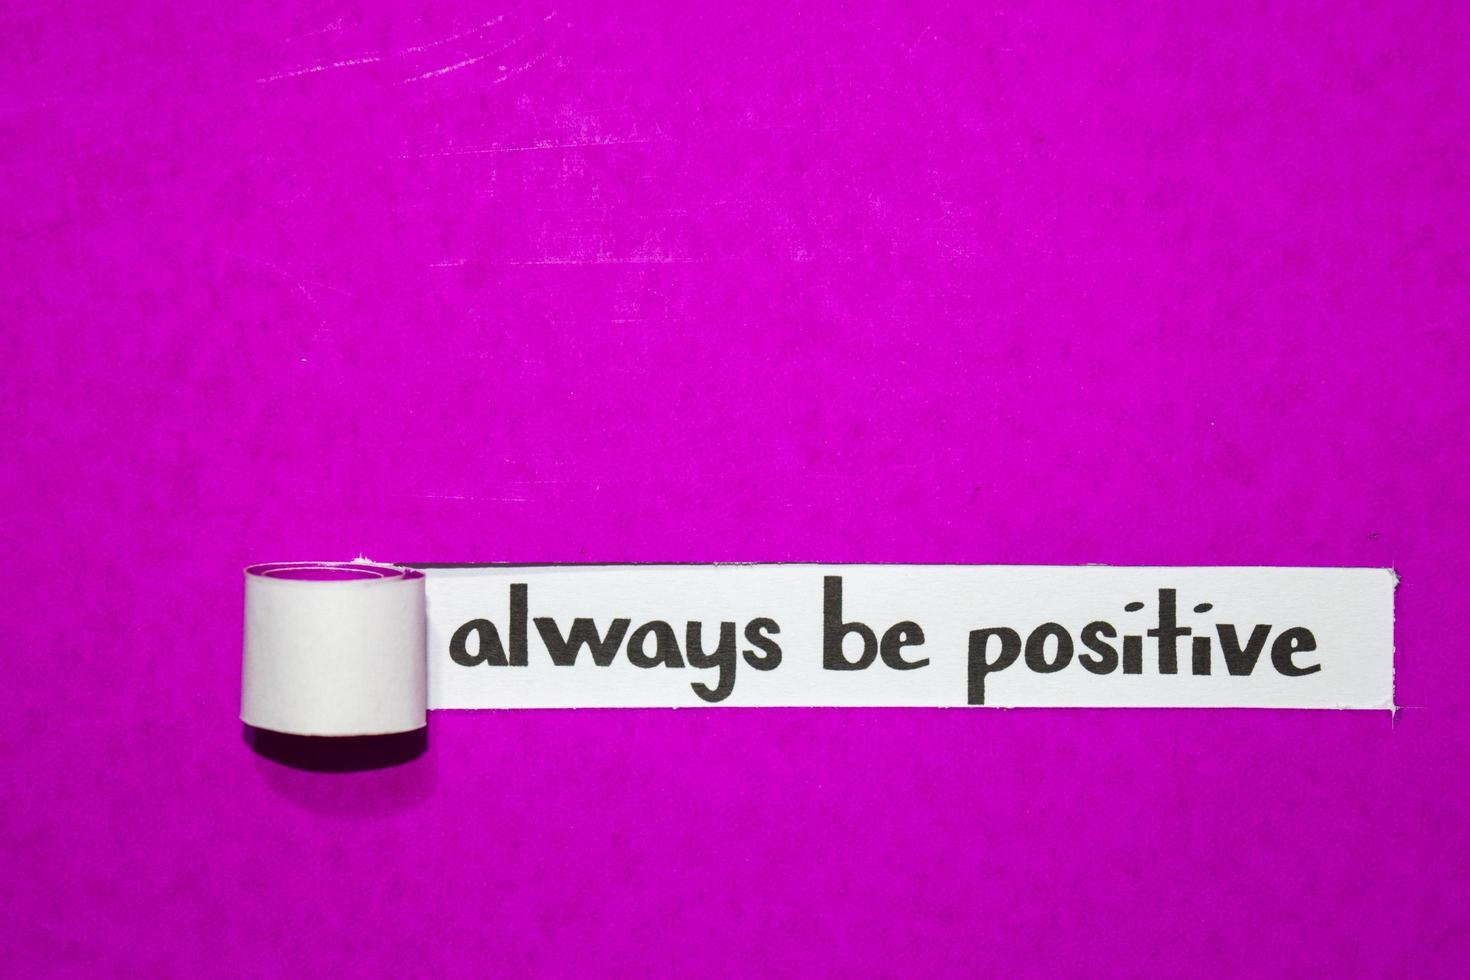 wees altijd positief tekst, inspiratie, motivatie en bedrijfsconcept op paars gescheurd papier foto